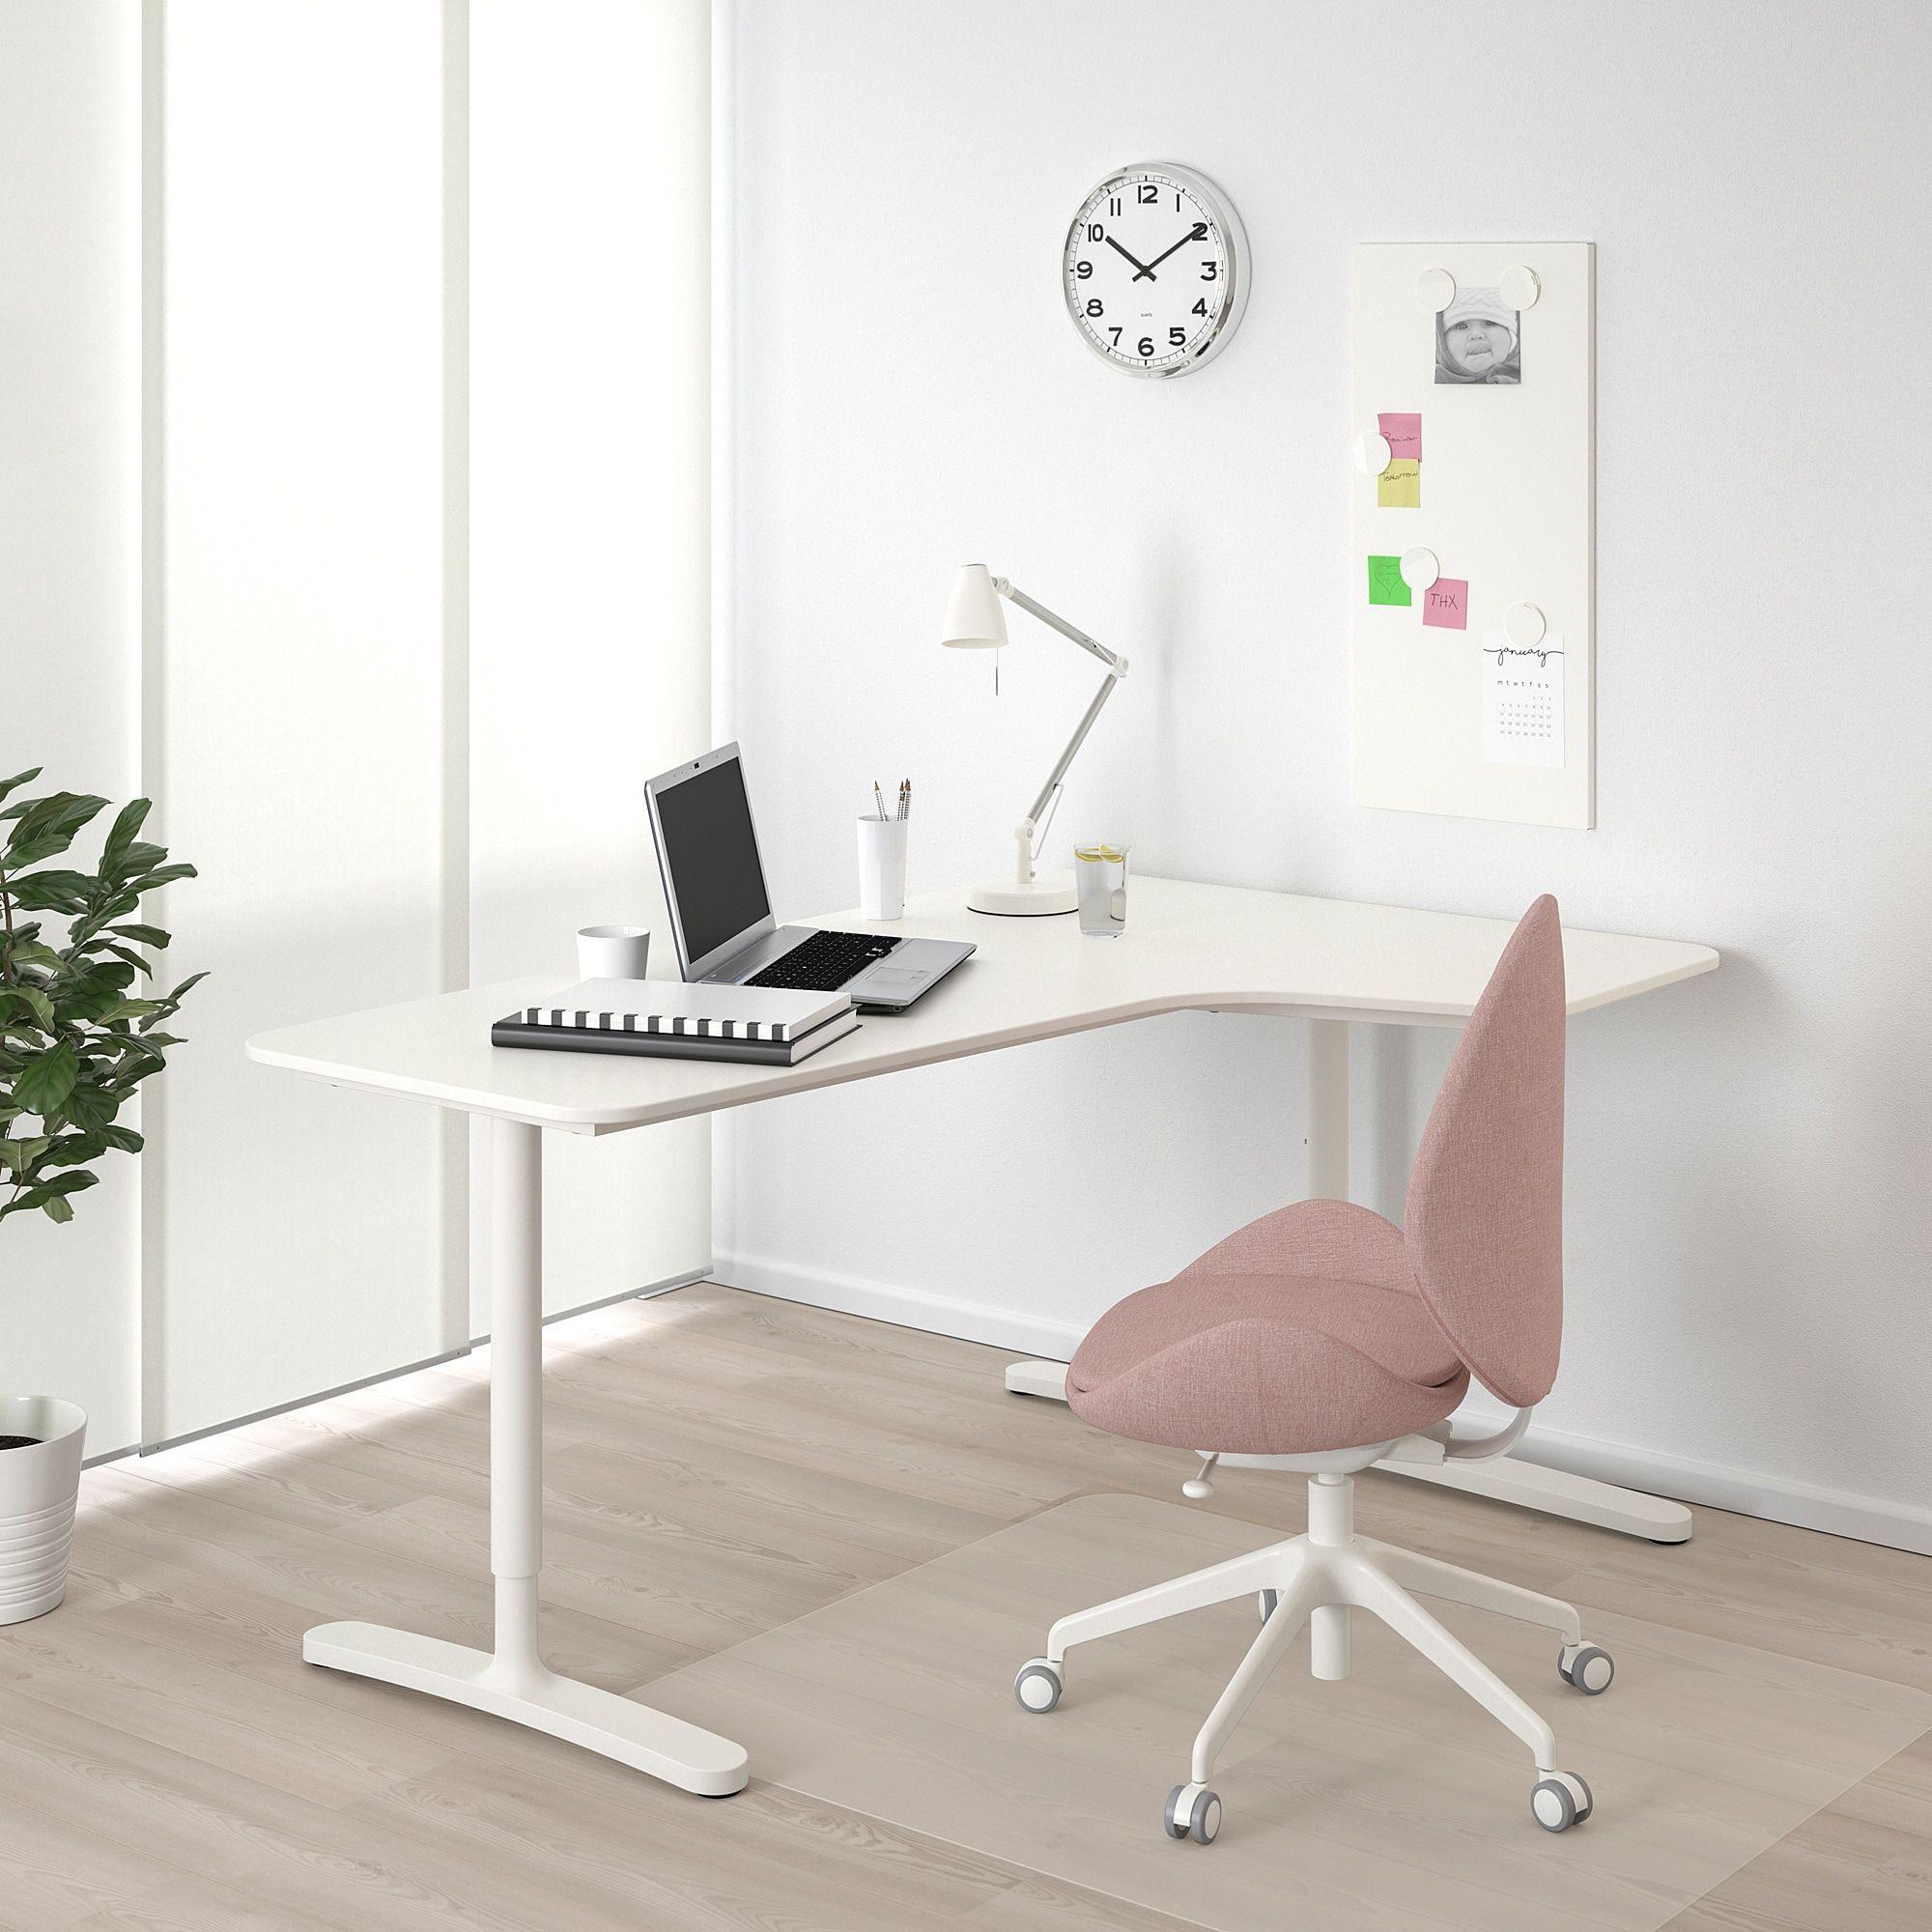 Bekant White Corner Desk Right 160x110 Cm Ikea In 2020 Ikea Bekant Corner Desk Ikea Corner Desk